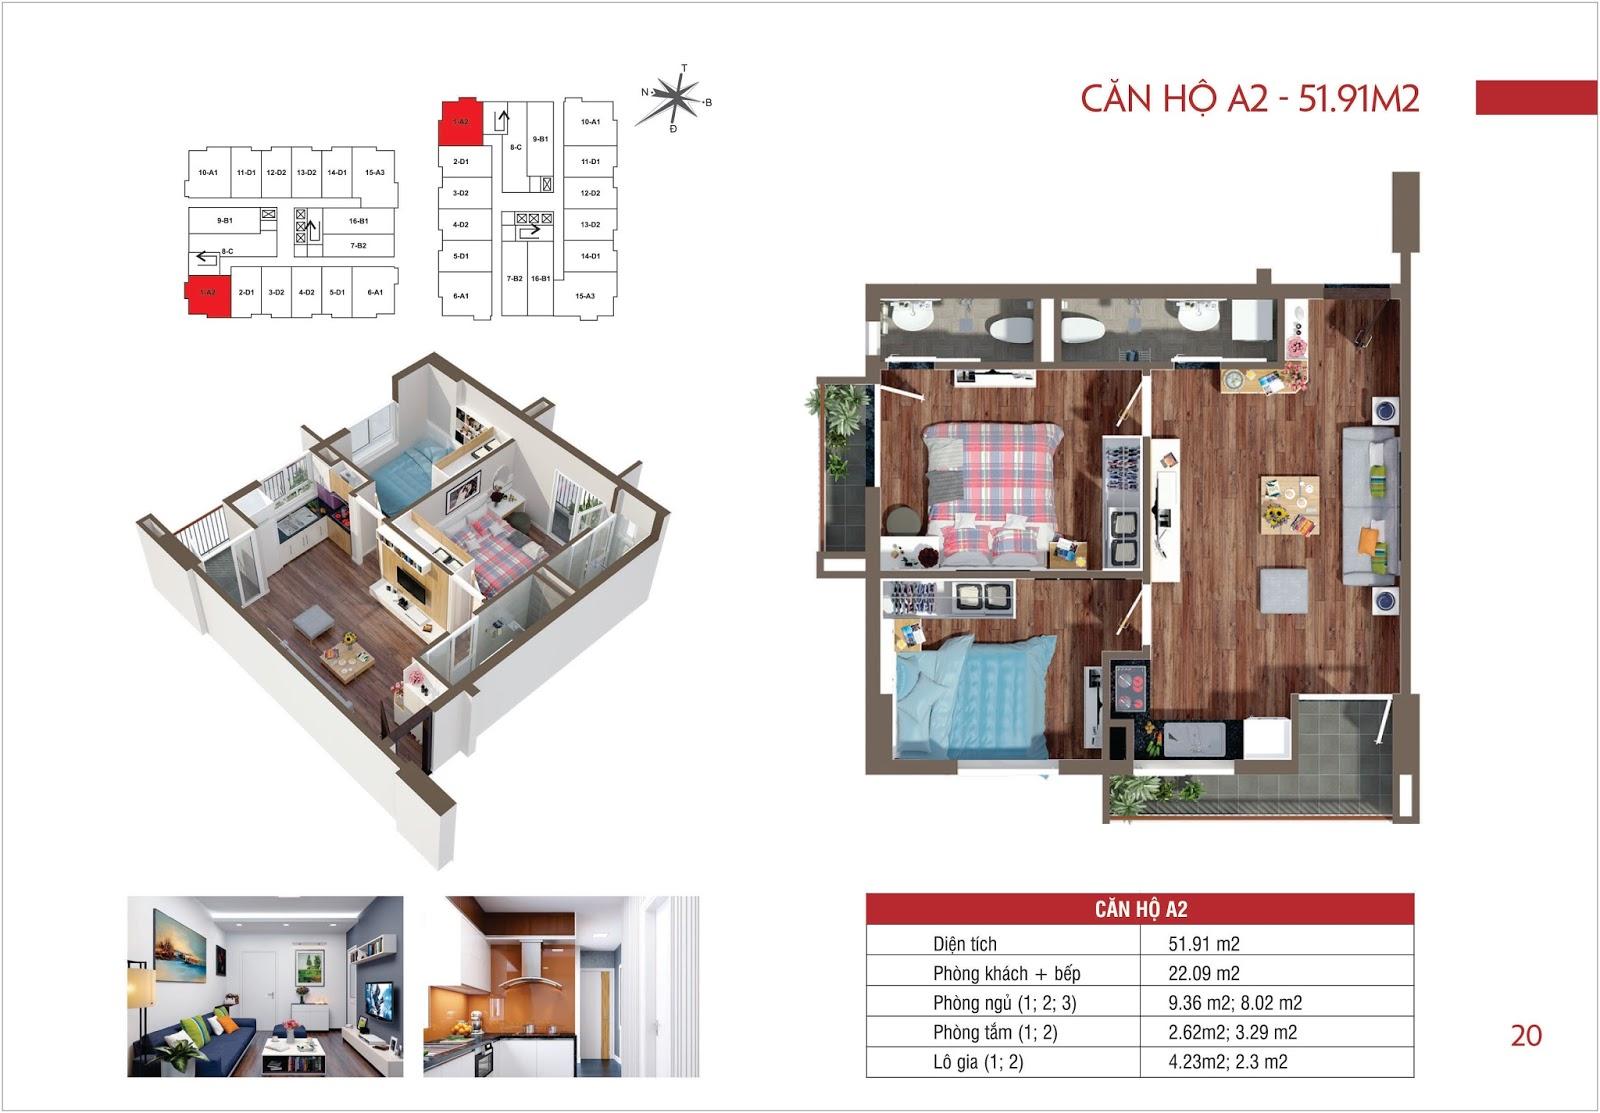 Căn hộ A2 - 51,91m2 chung cư Lộc Ninh Singashine